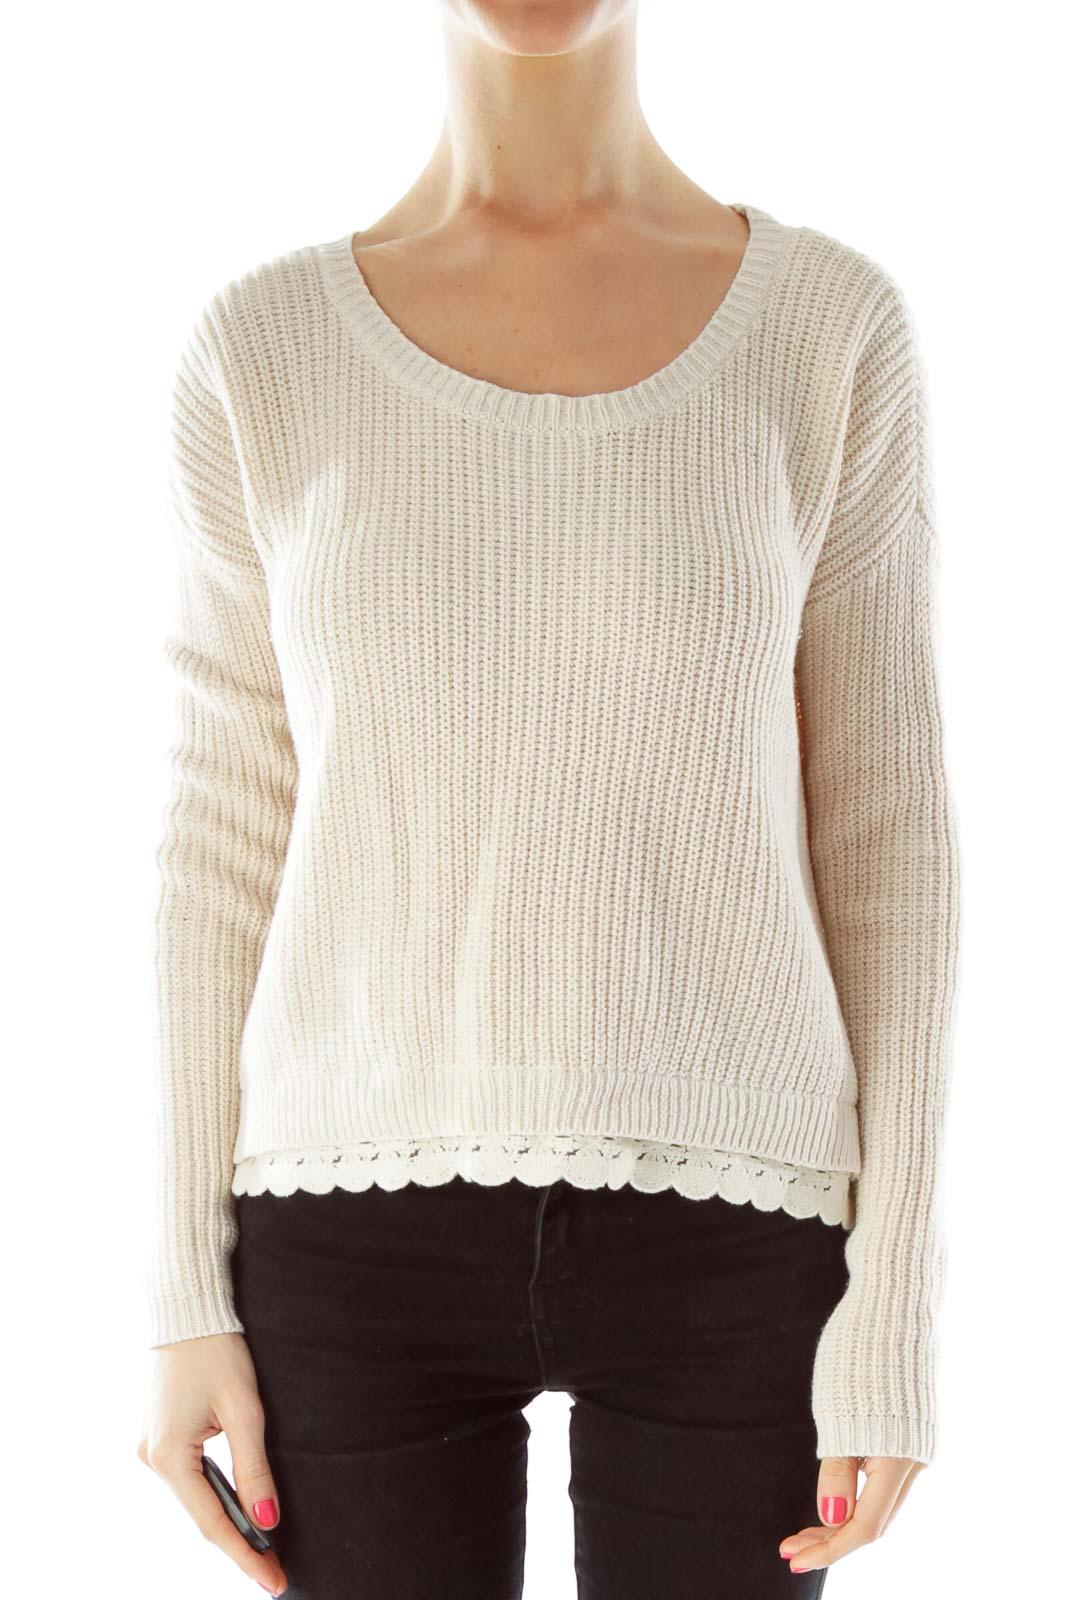 Beige Crocheted Knit